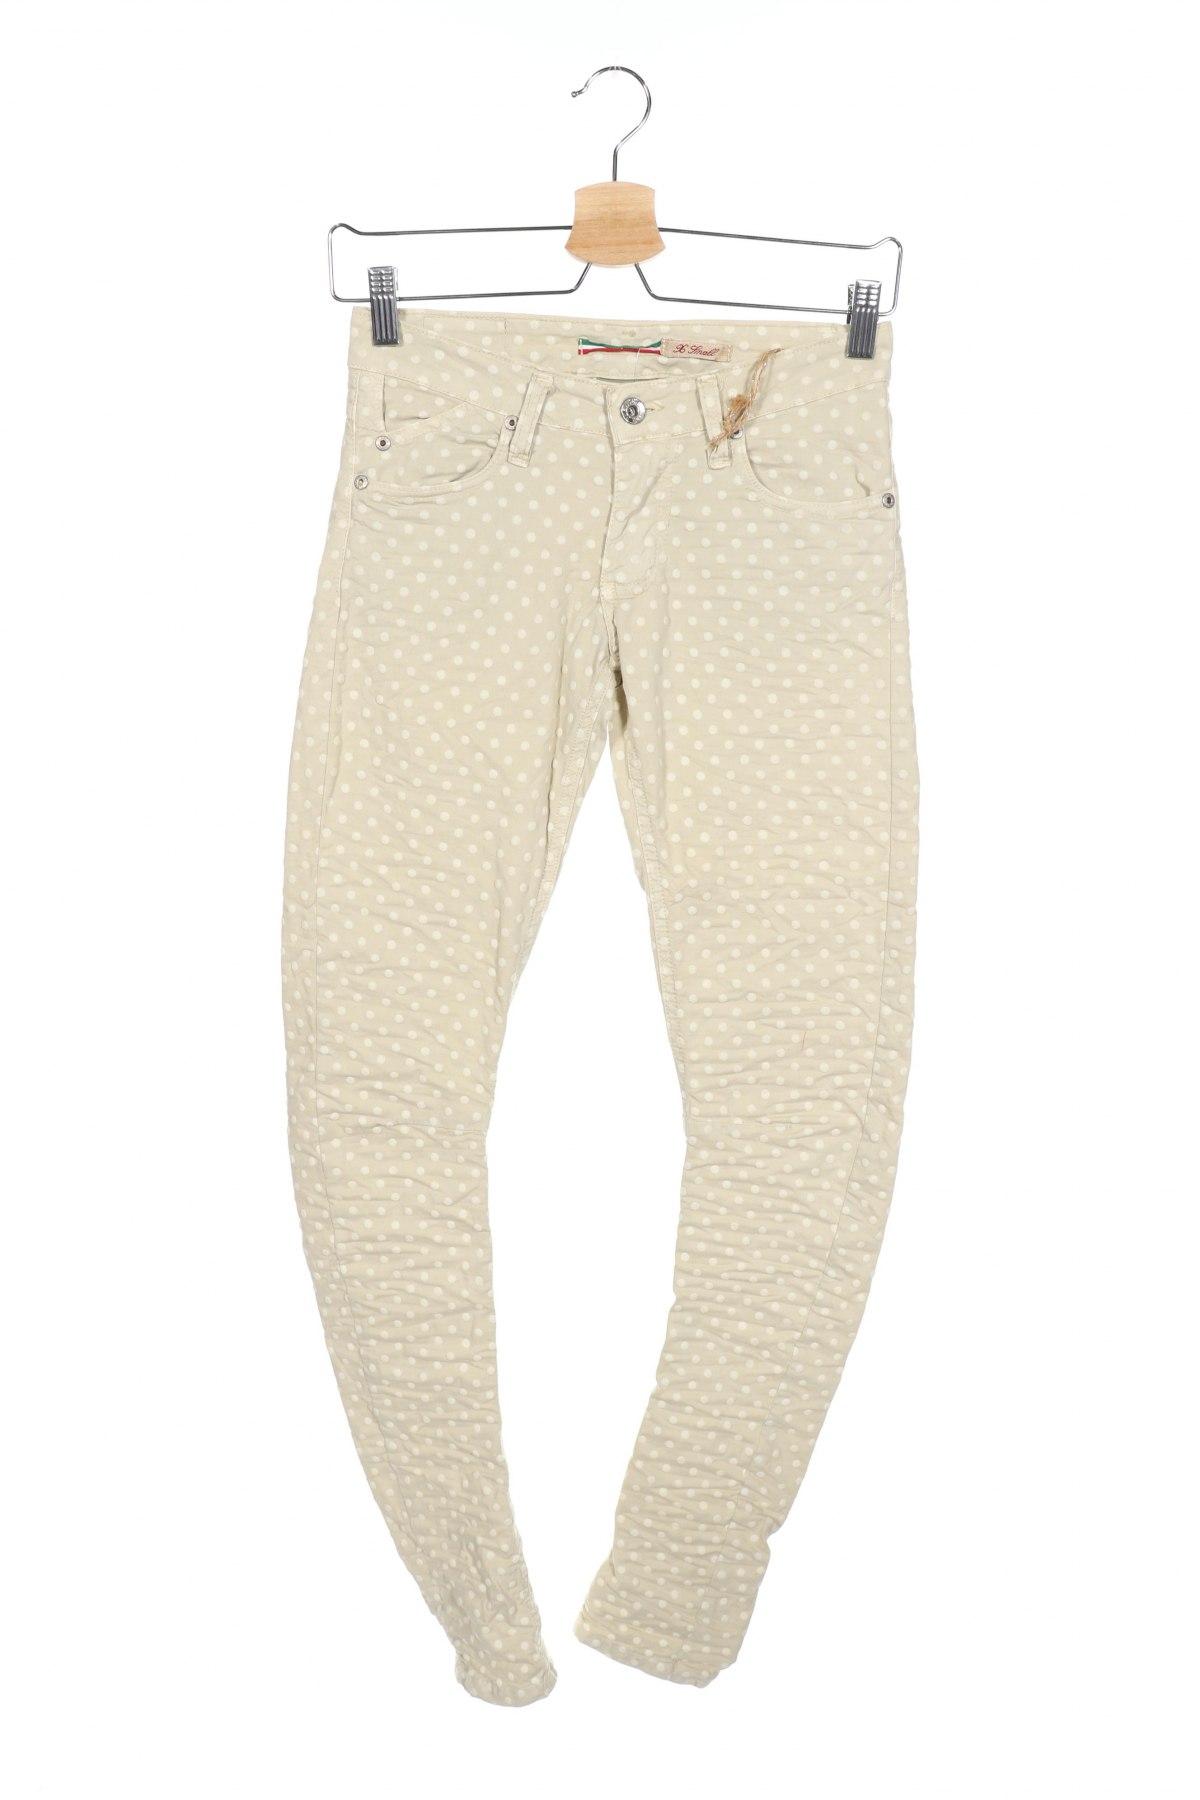 Дамски панталон Please, Размер XS, Цвят Бежов, 98% памук, 2% еластан, Цена 16,90лв.